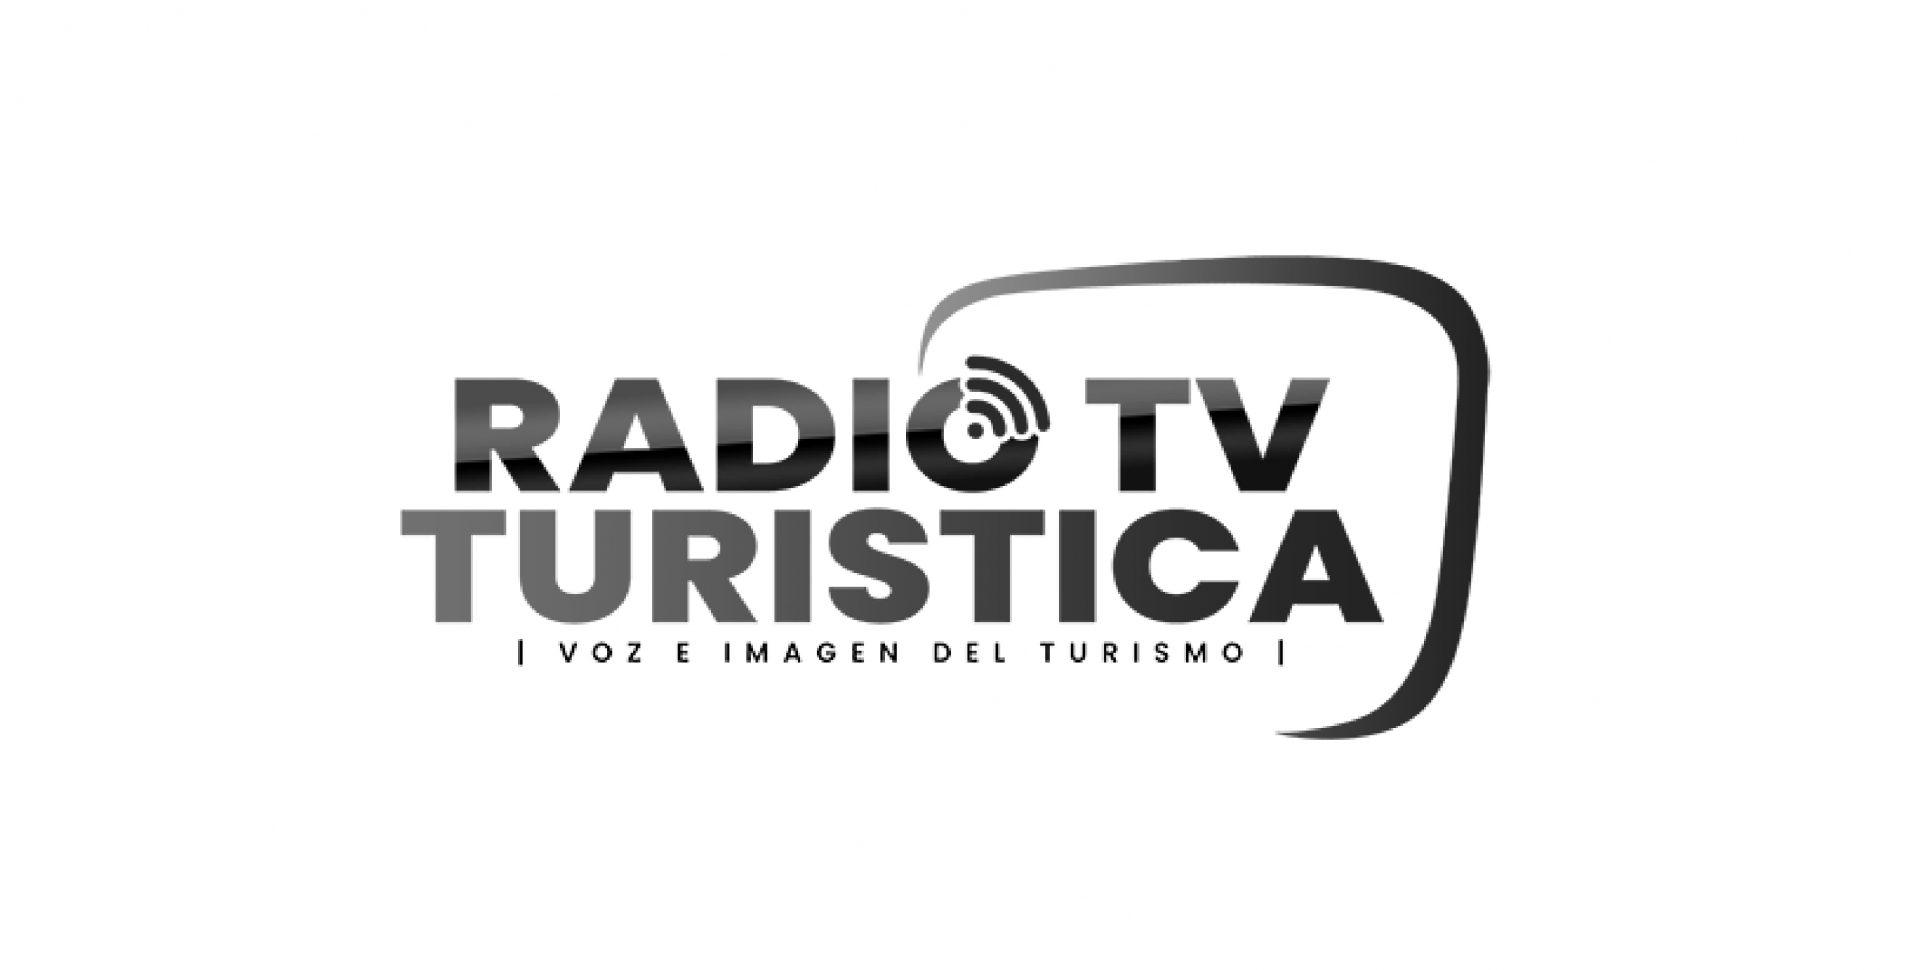 24/5 Eugenia Alaniz conversó para Radio El Mundo y TV Turística sobre las carreras de Ambiente y Turismo